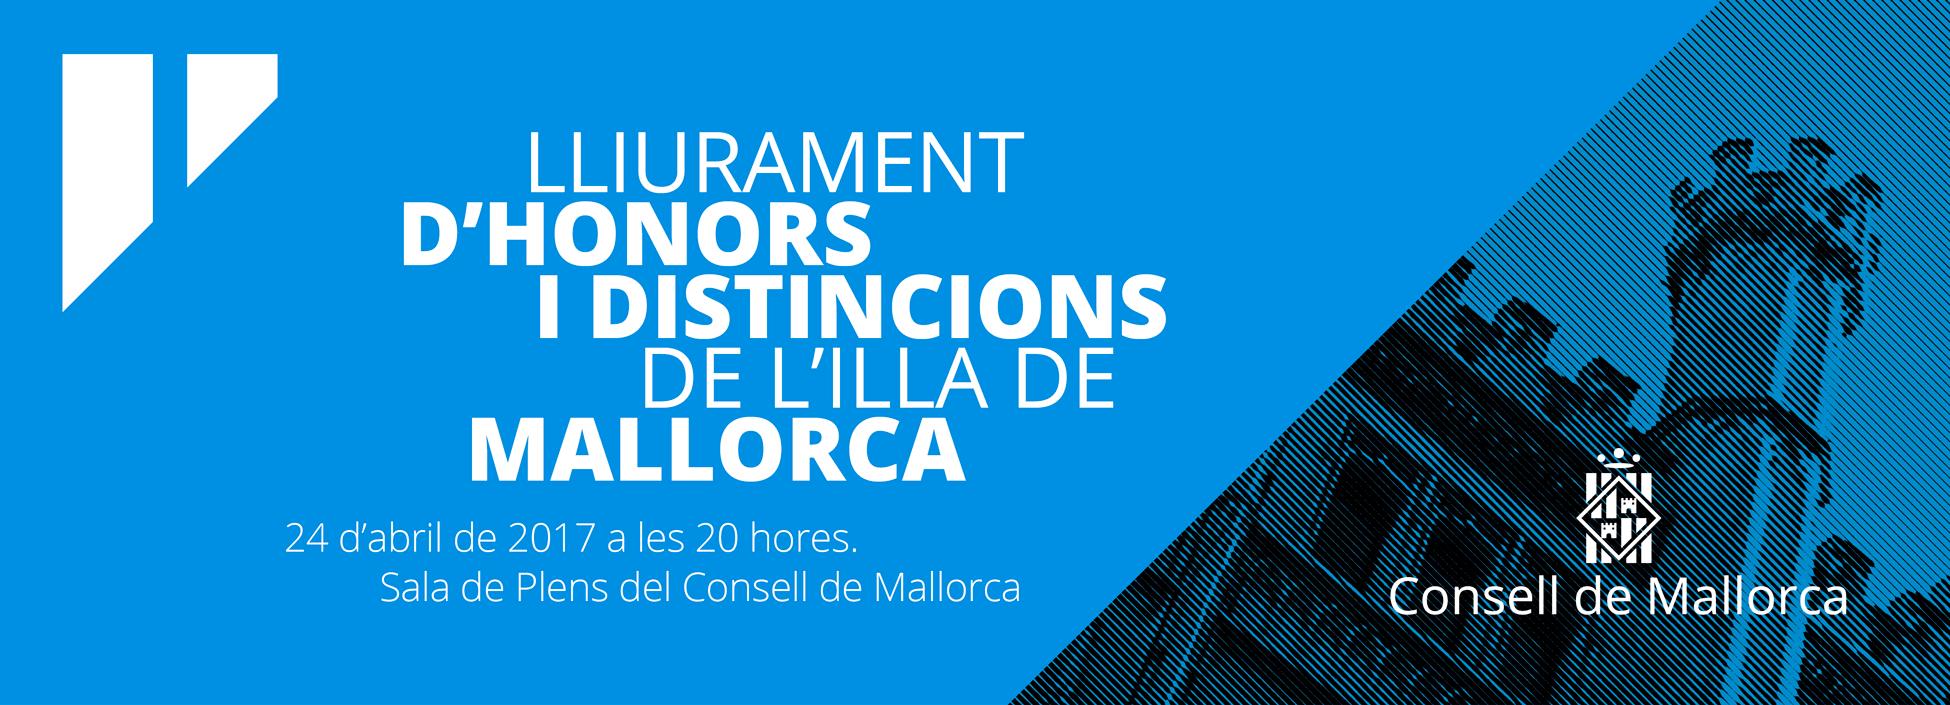 <p>Lliurament d&#8217;Honors i Distincions de l&#8217;Illa de Mallorca</p>